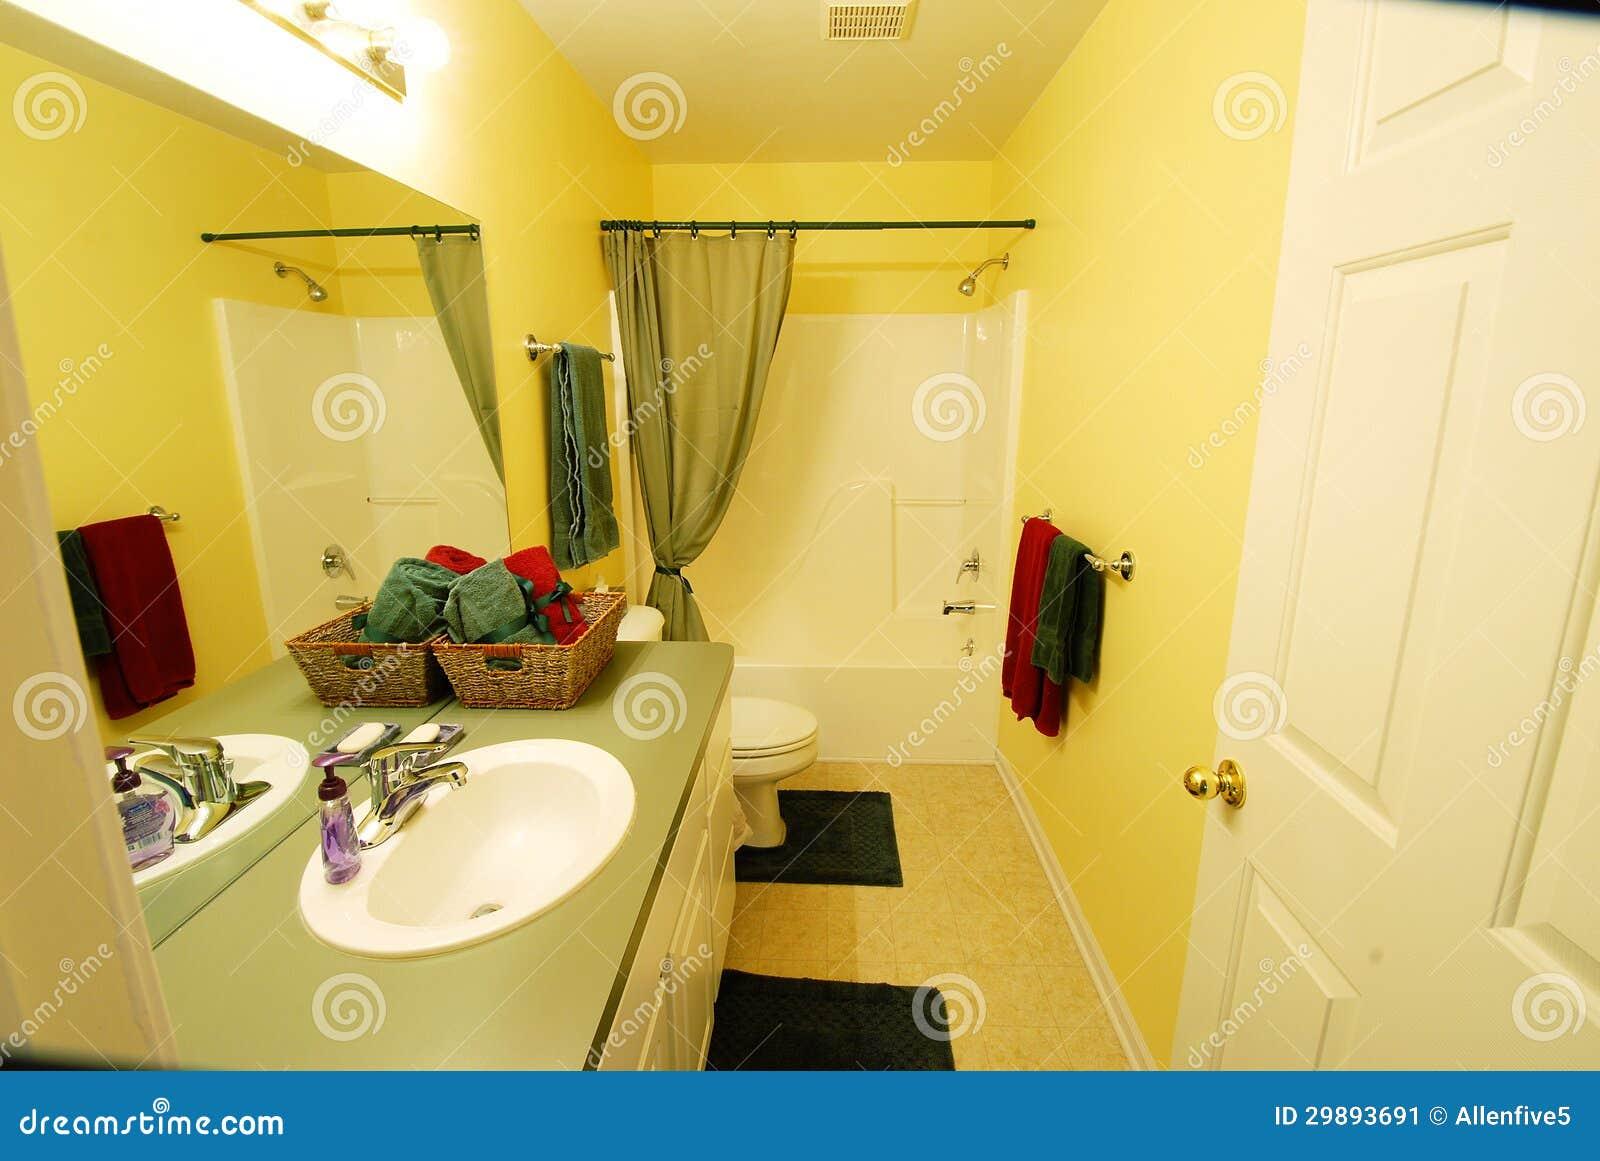 Banheiro Amarelo Moderno Imagem de Stock Imagem: 29893691 #6F3310 1300x960 Banheiro Amarelo